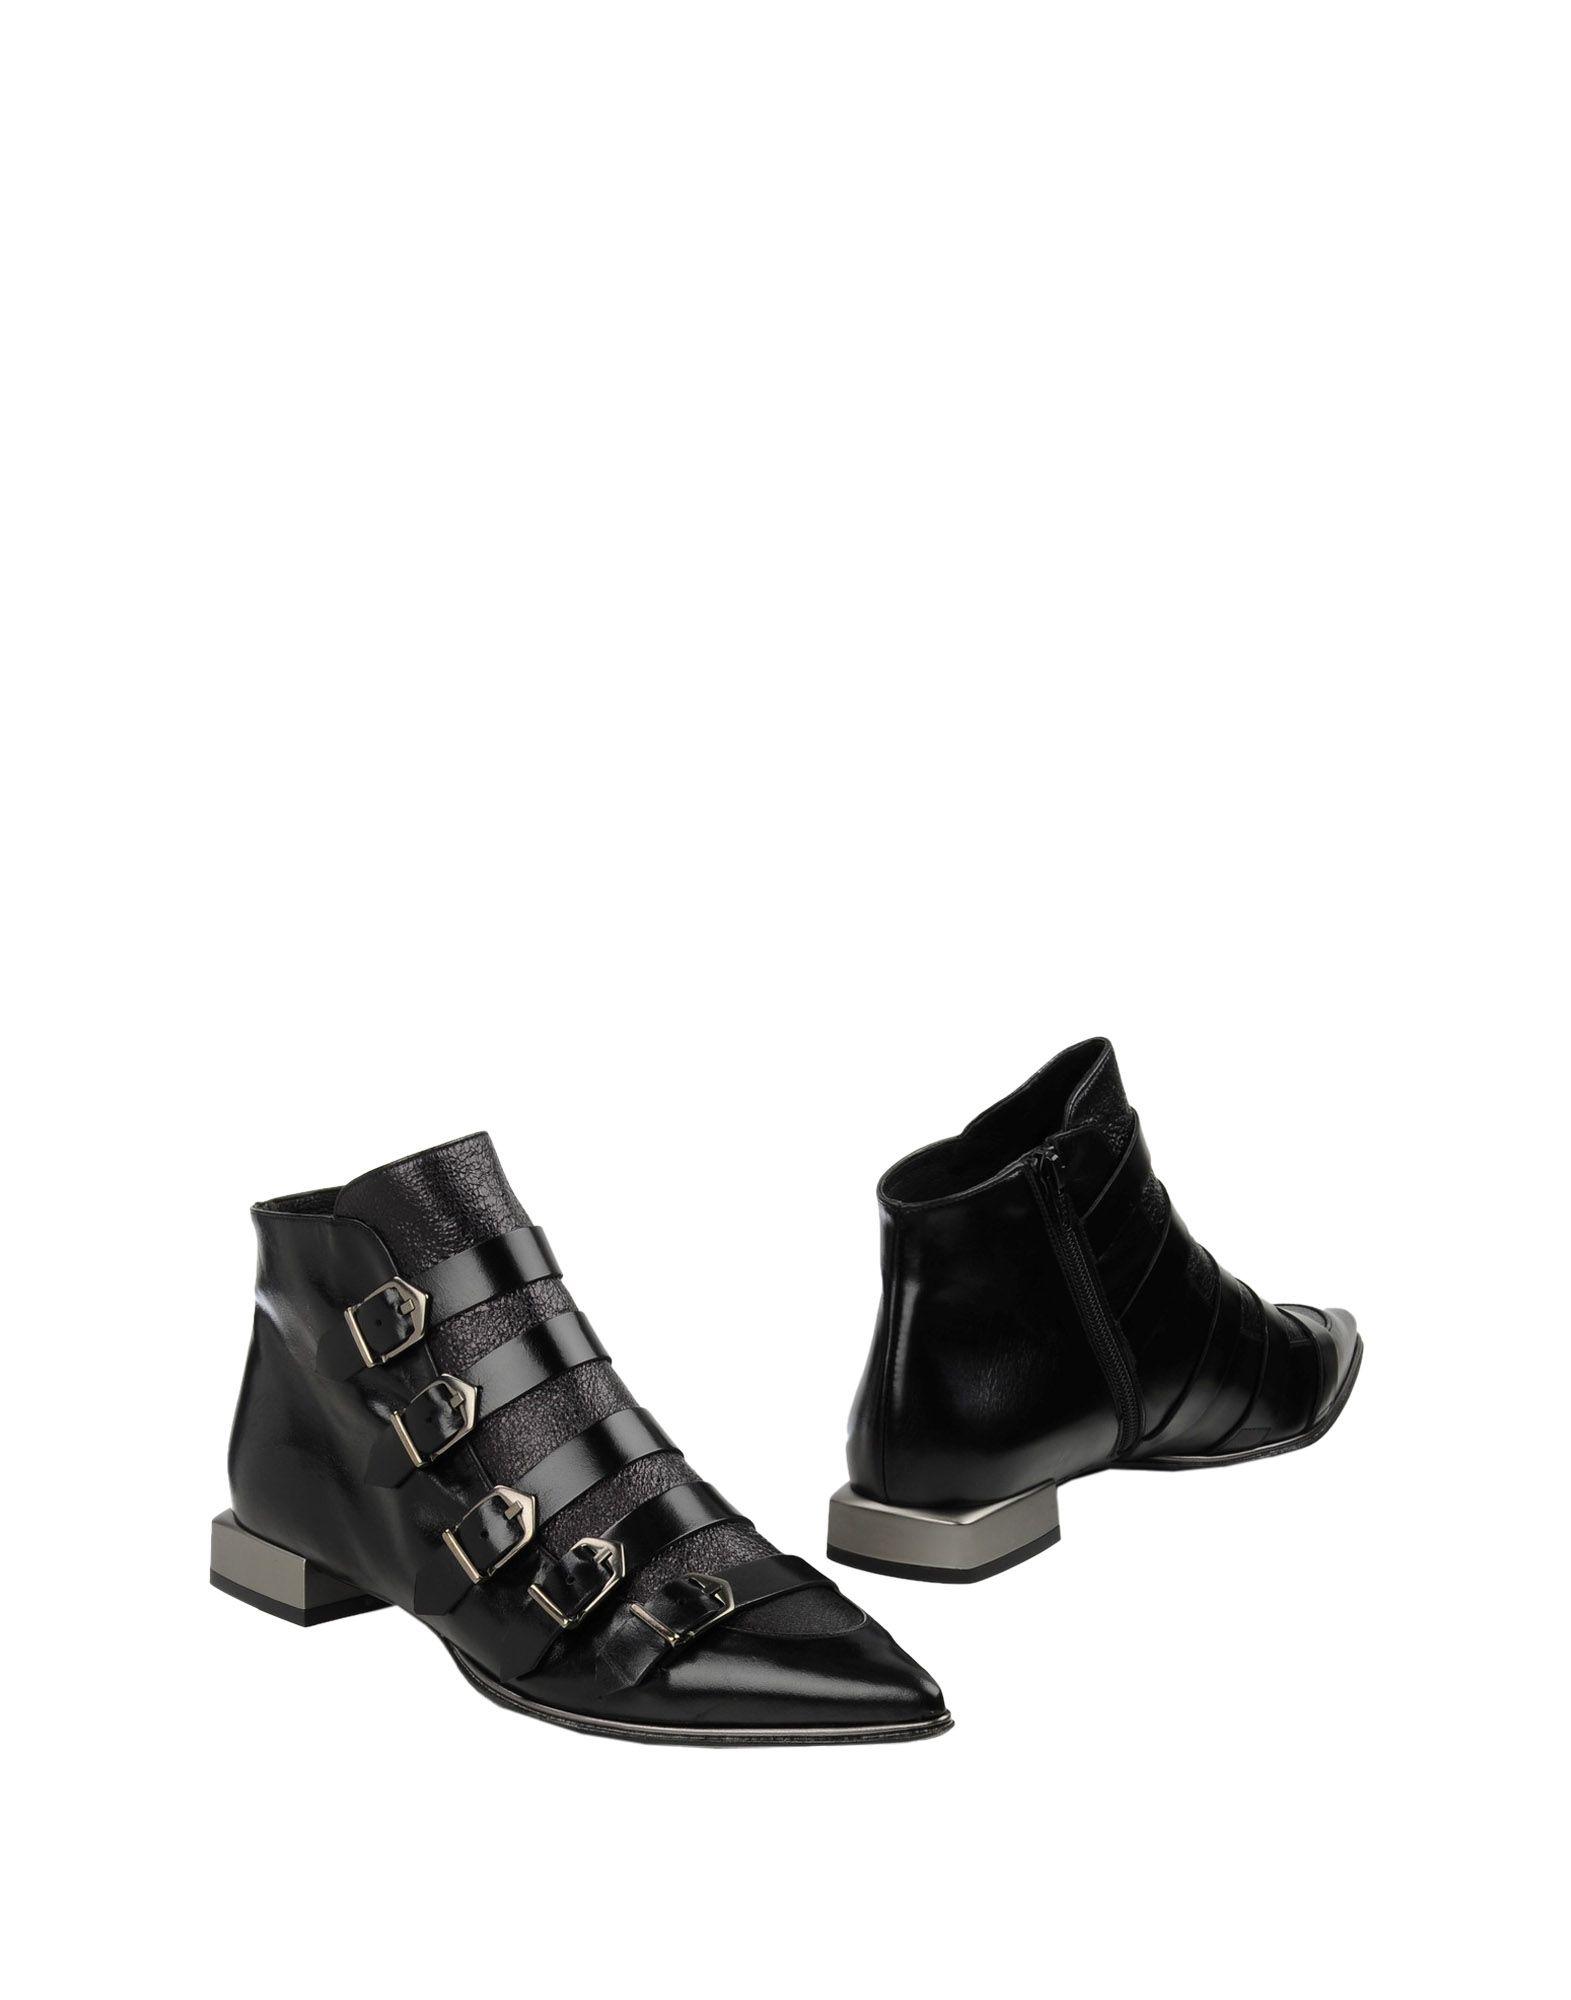 Zinda Stiefelette Damen  11335968UIGut aussehende strapazierfähige Schuhe